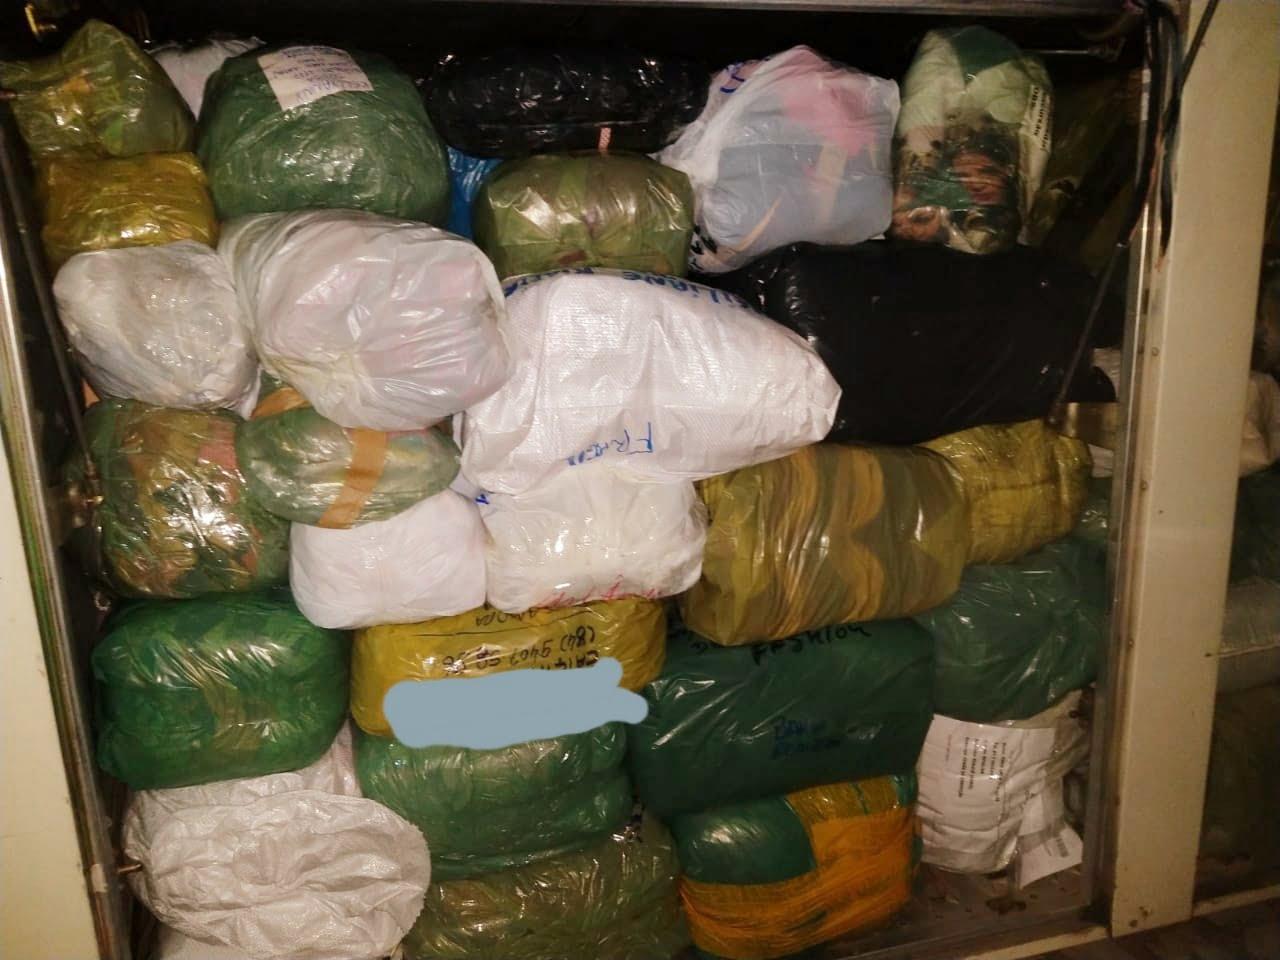 Mossoró: Ônibus de turismo são flagrados transportando mercadorias sem Nota Fiscal